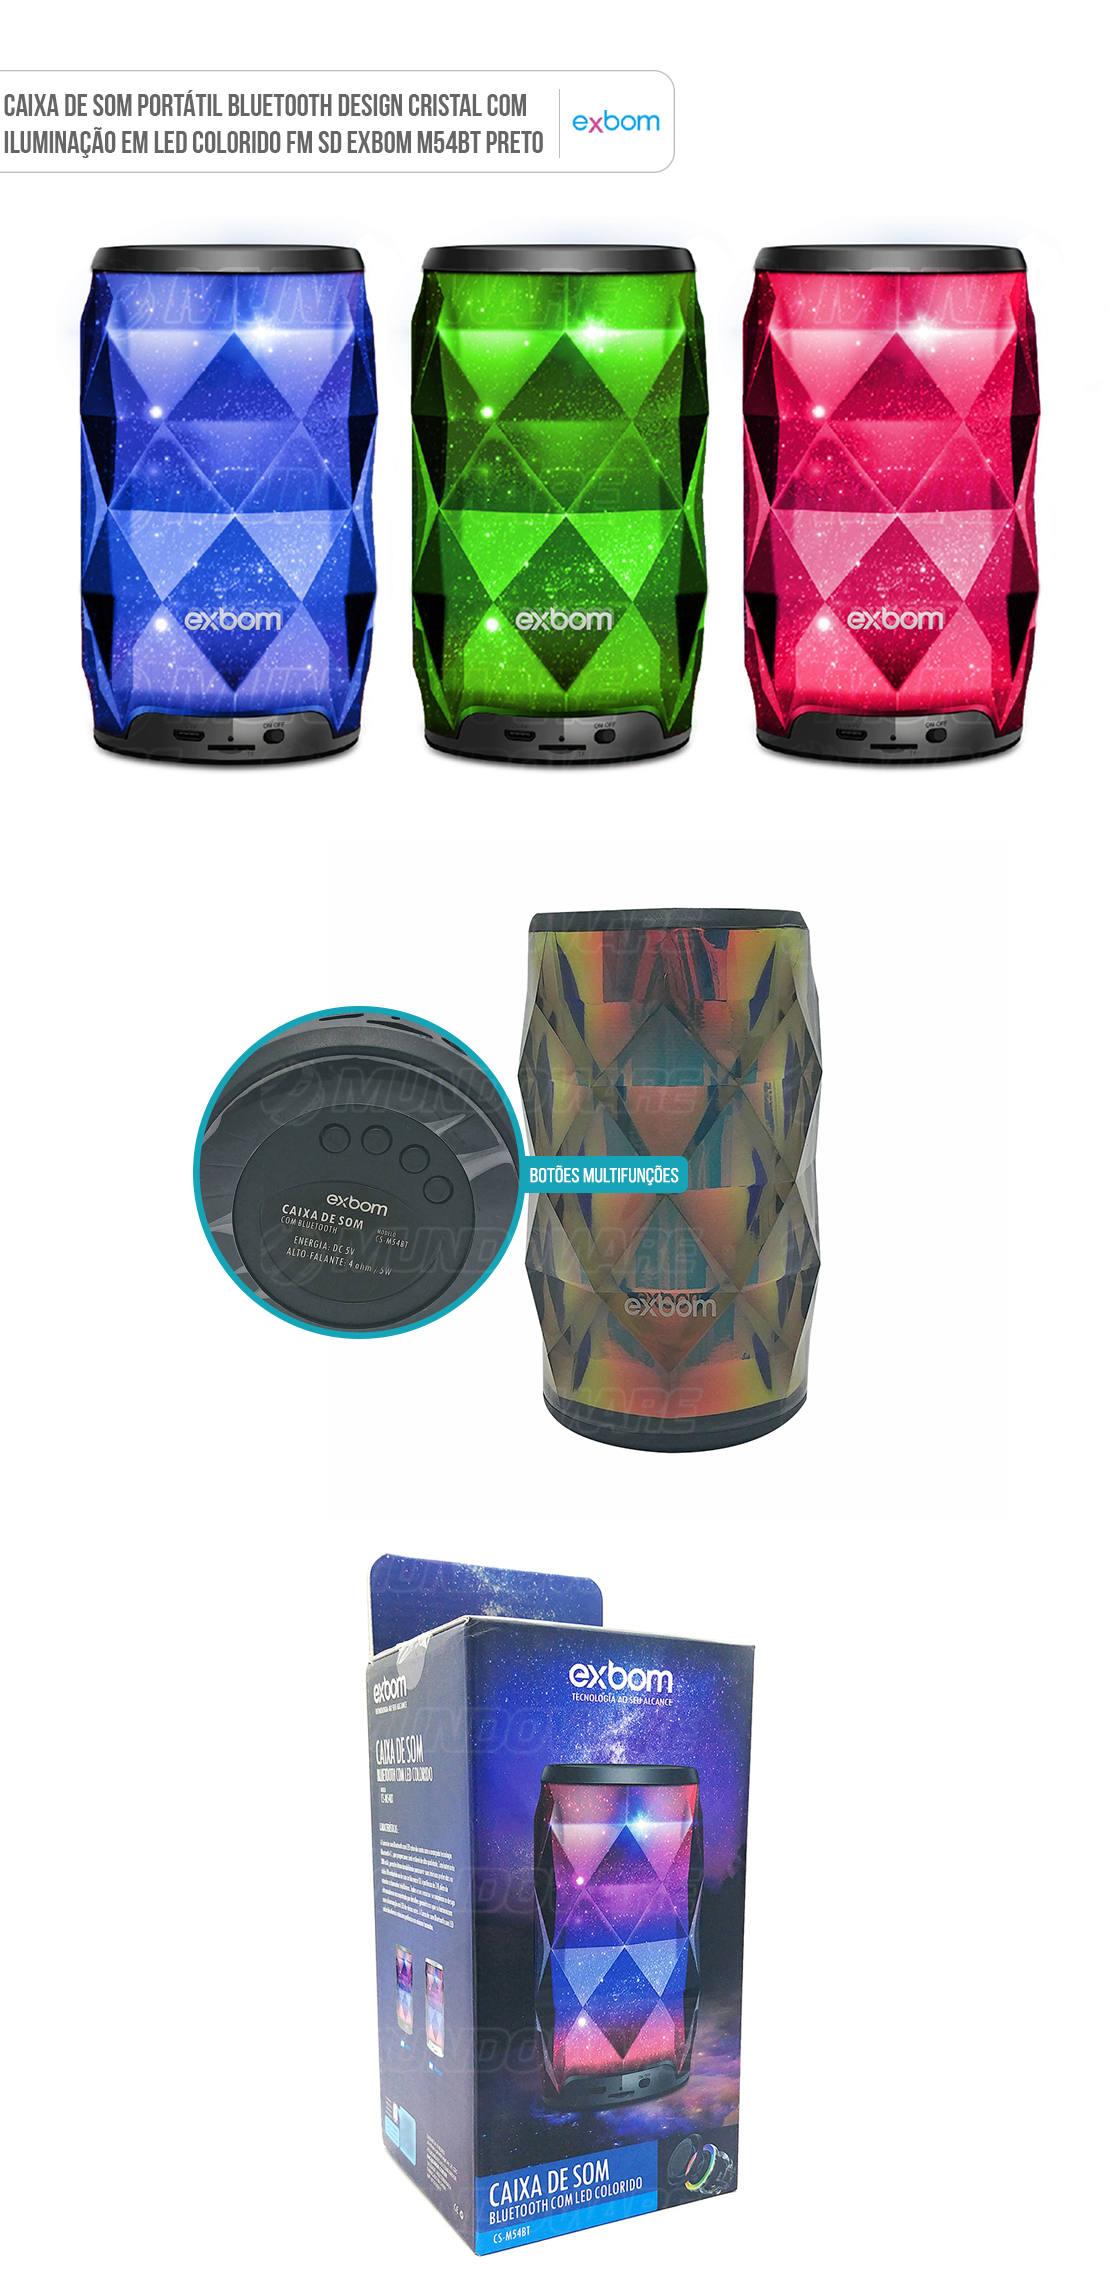 Caixa Portátil Bluetooth Design Cristal em LED Colorido RGB FM SD